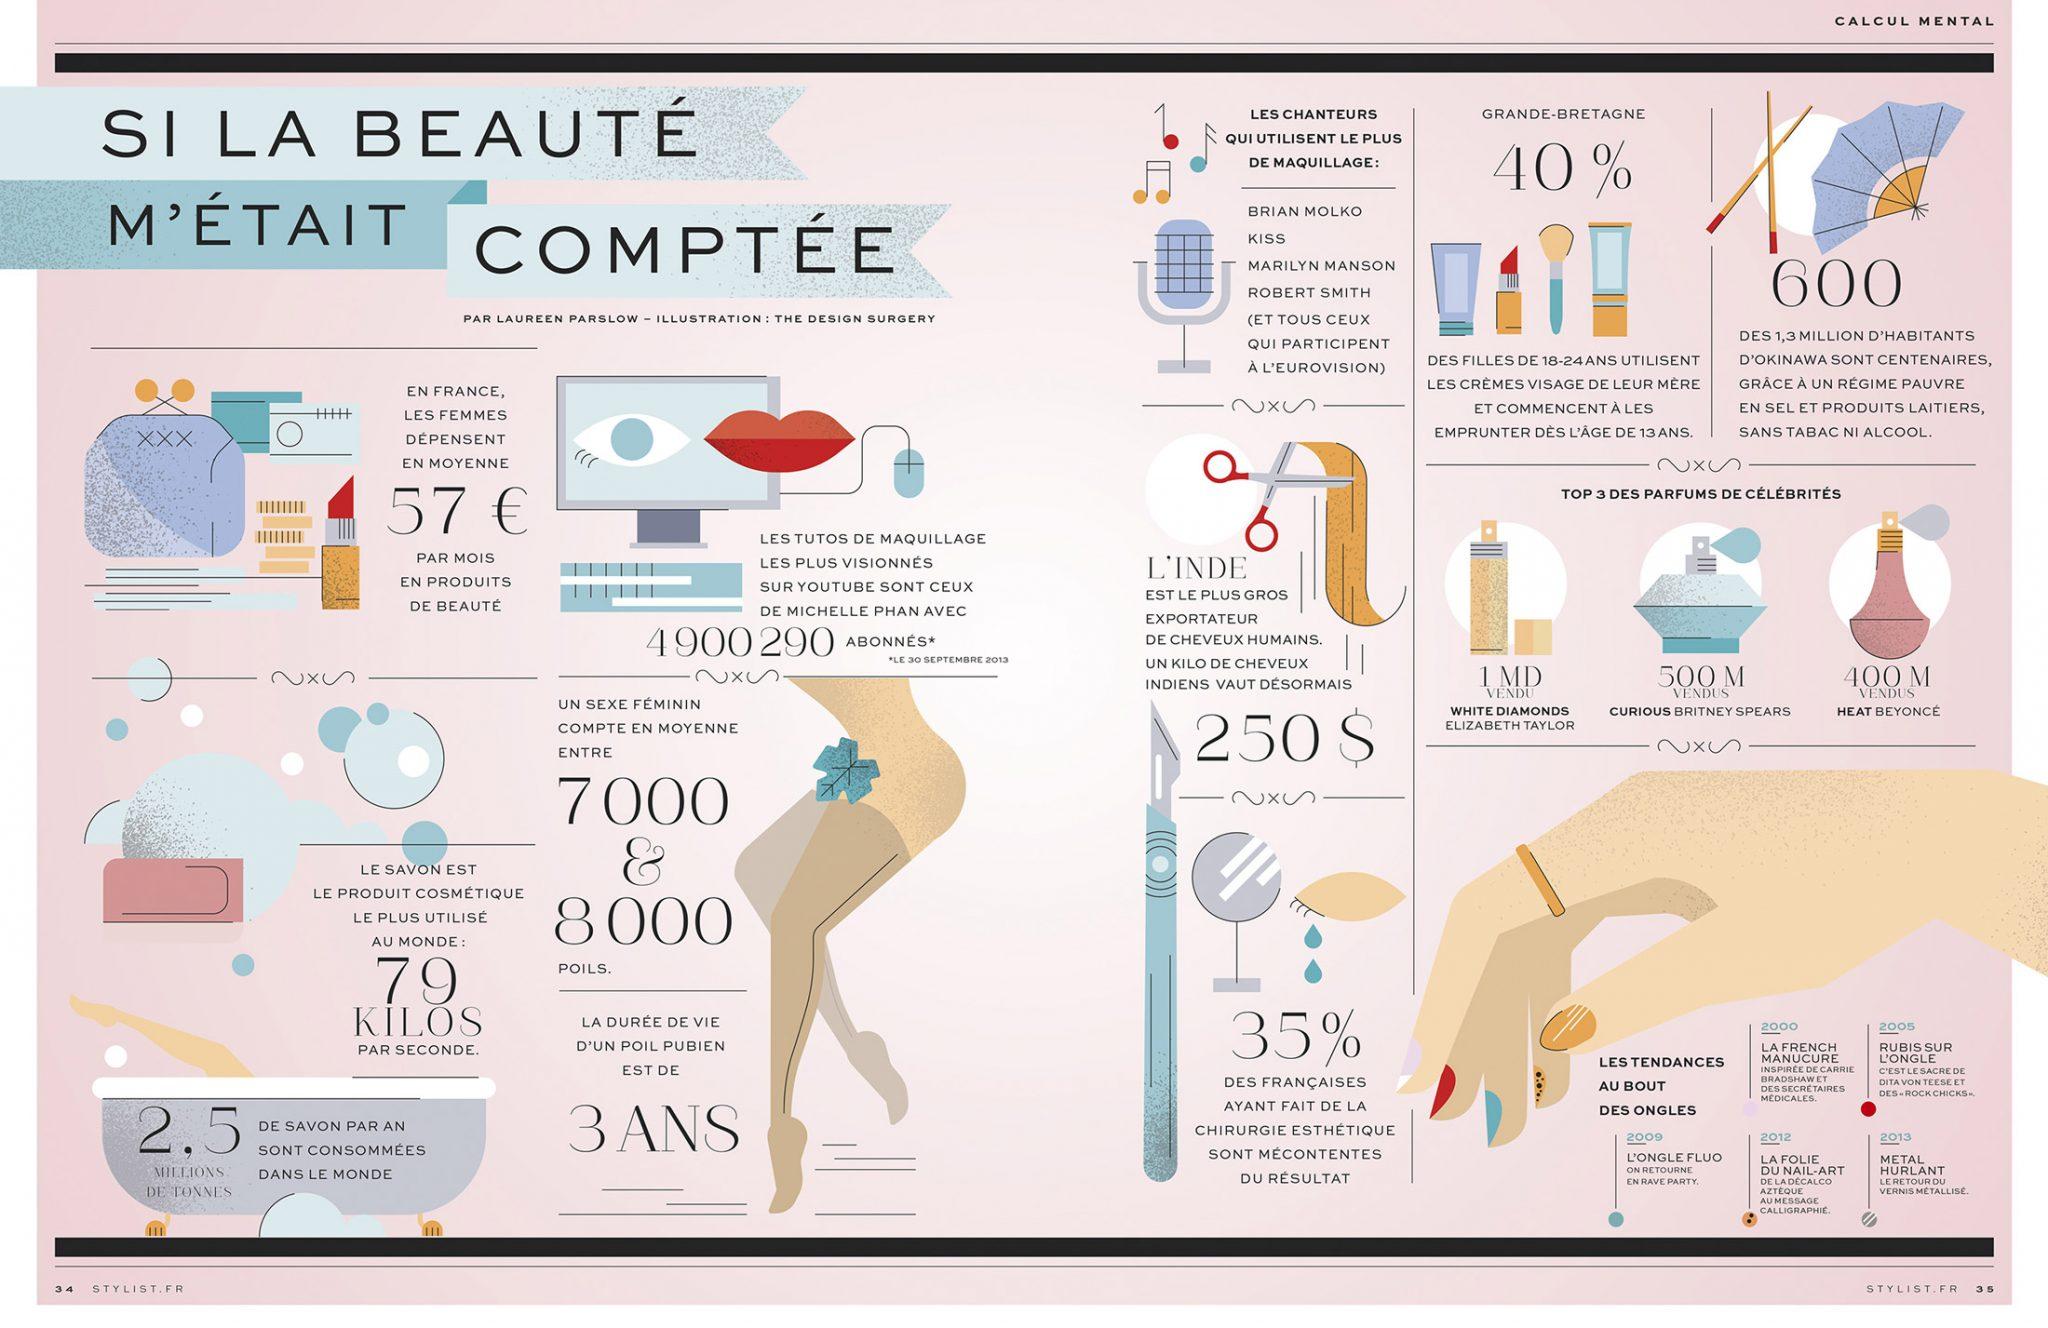 Infographie cosmétique :  si la beauté m'était comptée